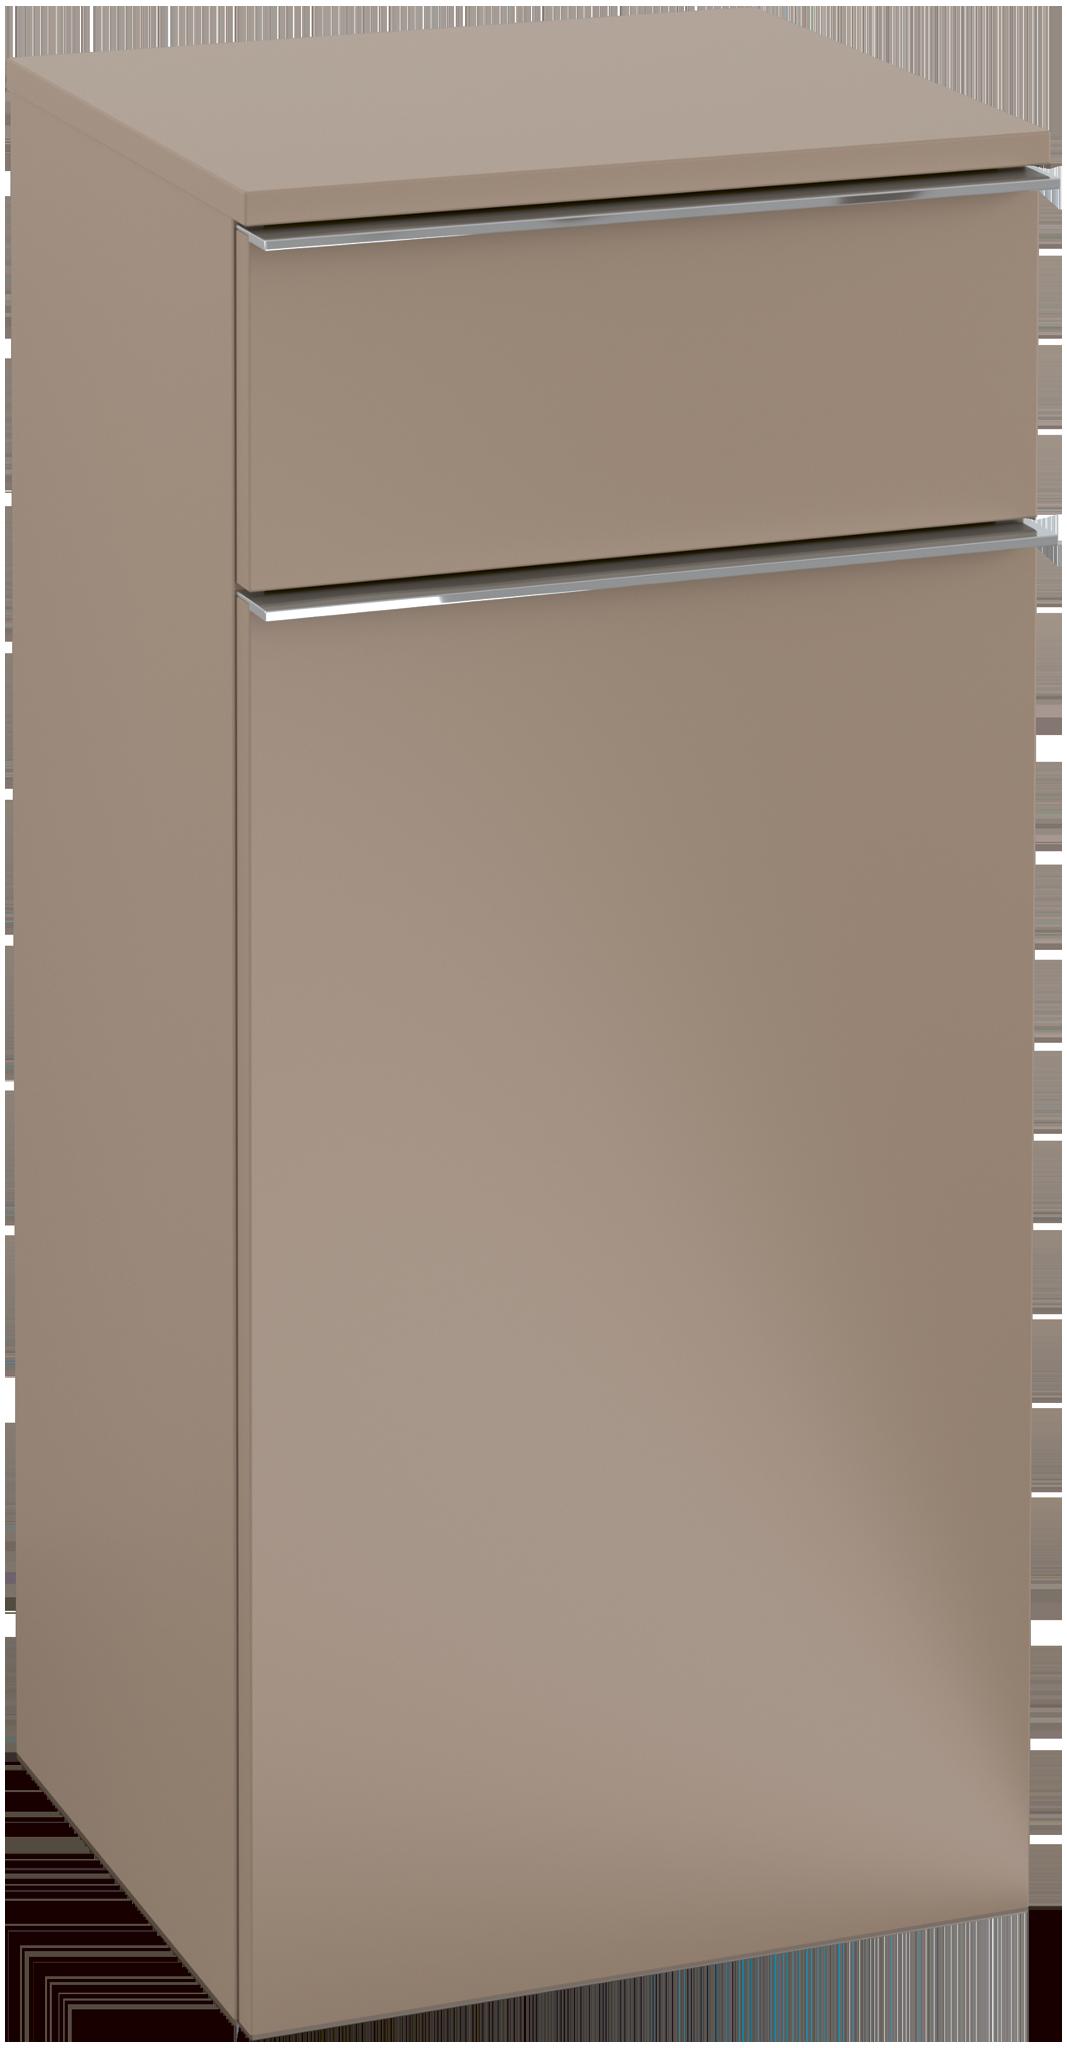 Venticello side cabinet a95003 villeroy boch - Villeroy and boch bathroom cabinets ...